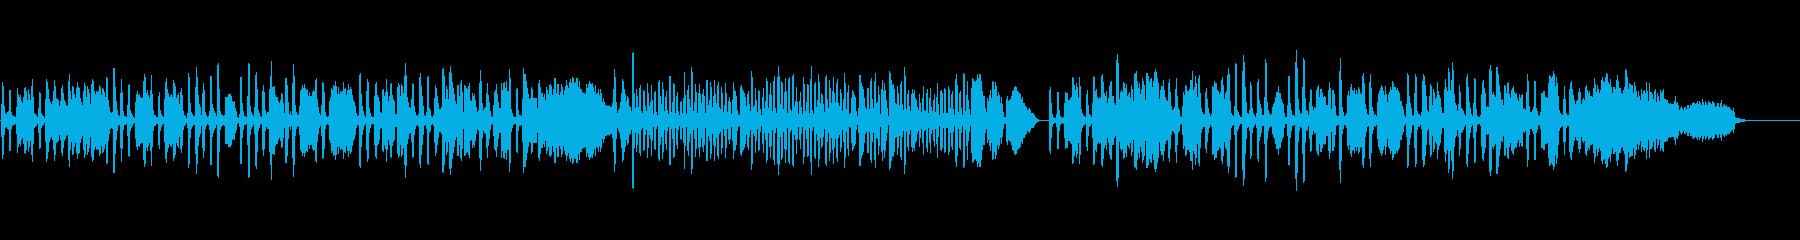 リュリ/ガヴォットをヴァイオリンソロでの再生済みの波形